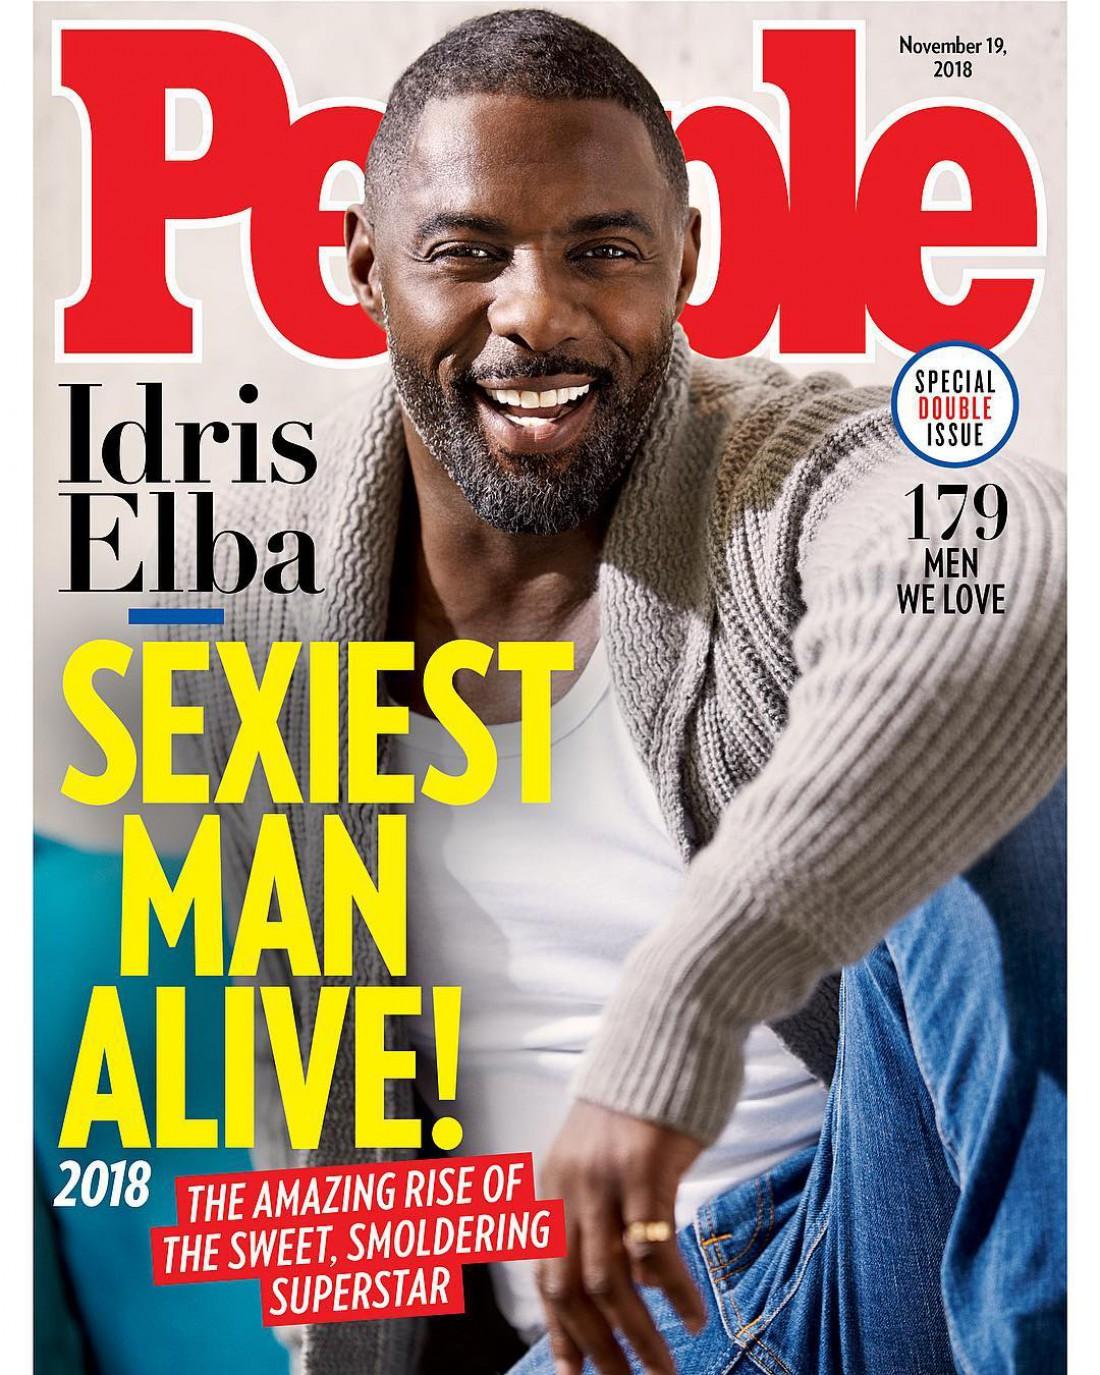 Идрис Эльба на обложке журнала People